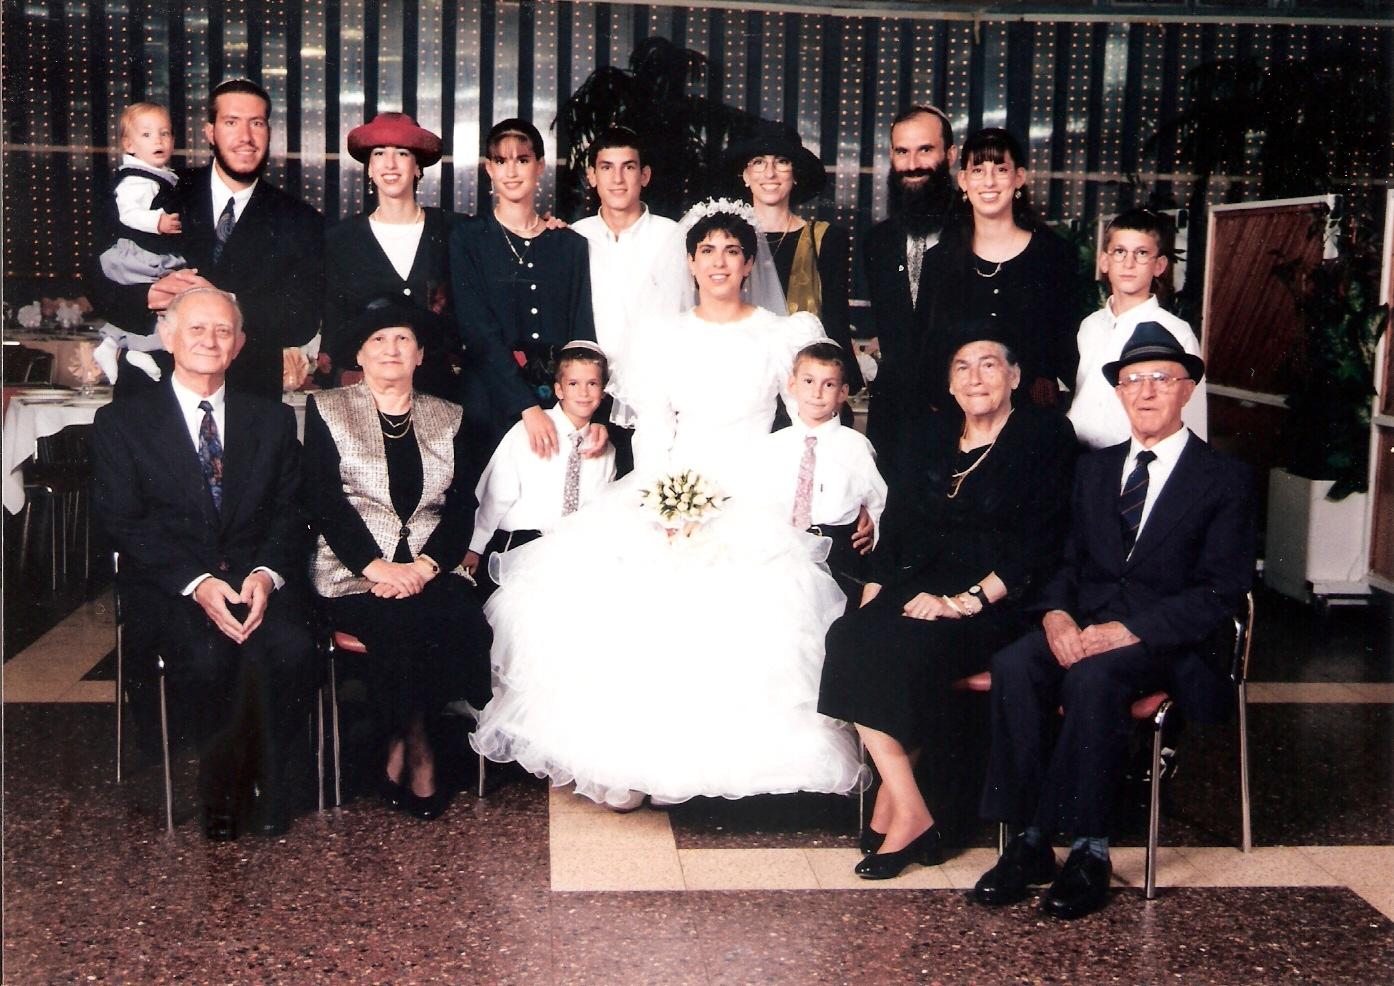 אלול תשנז עם הסבים והסבתות בחתונה של מיכל וחמי